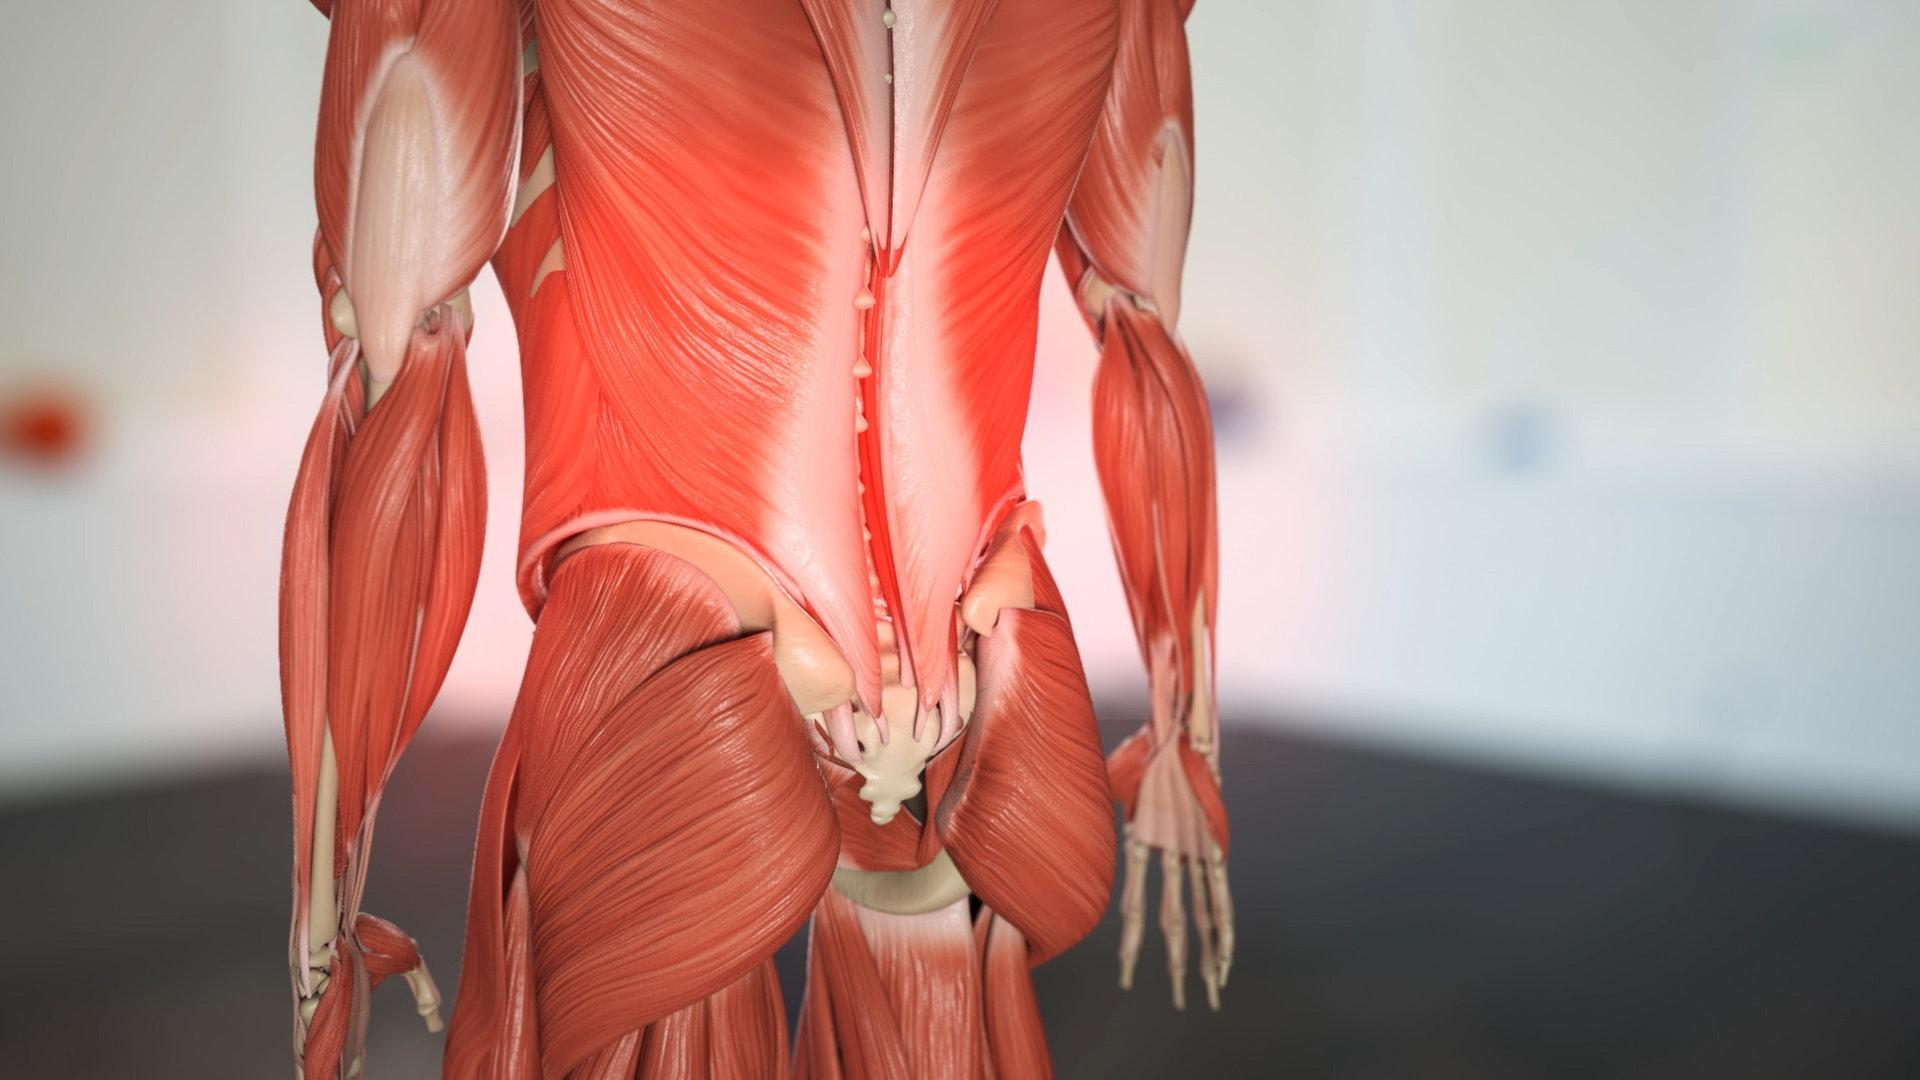 Nerv eingeklemmt steißbein Steißbeinschmerzen was